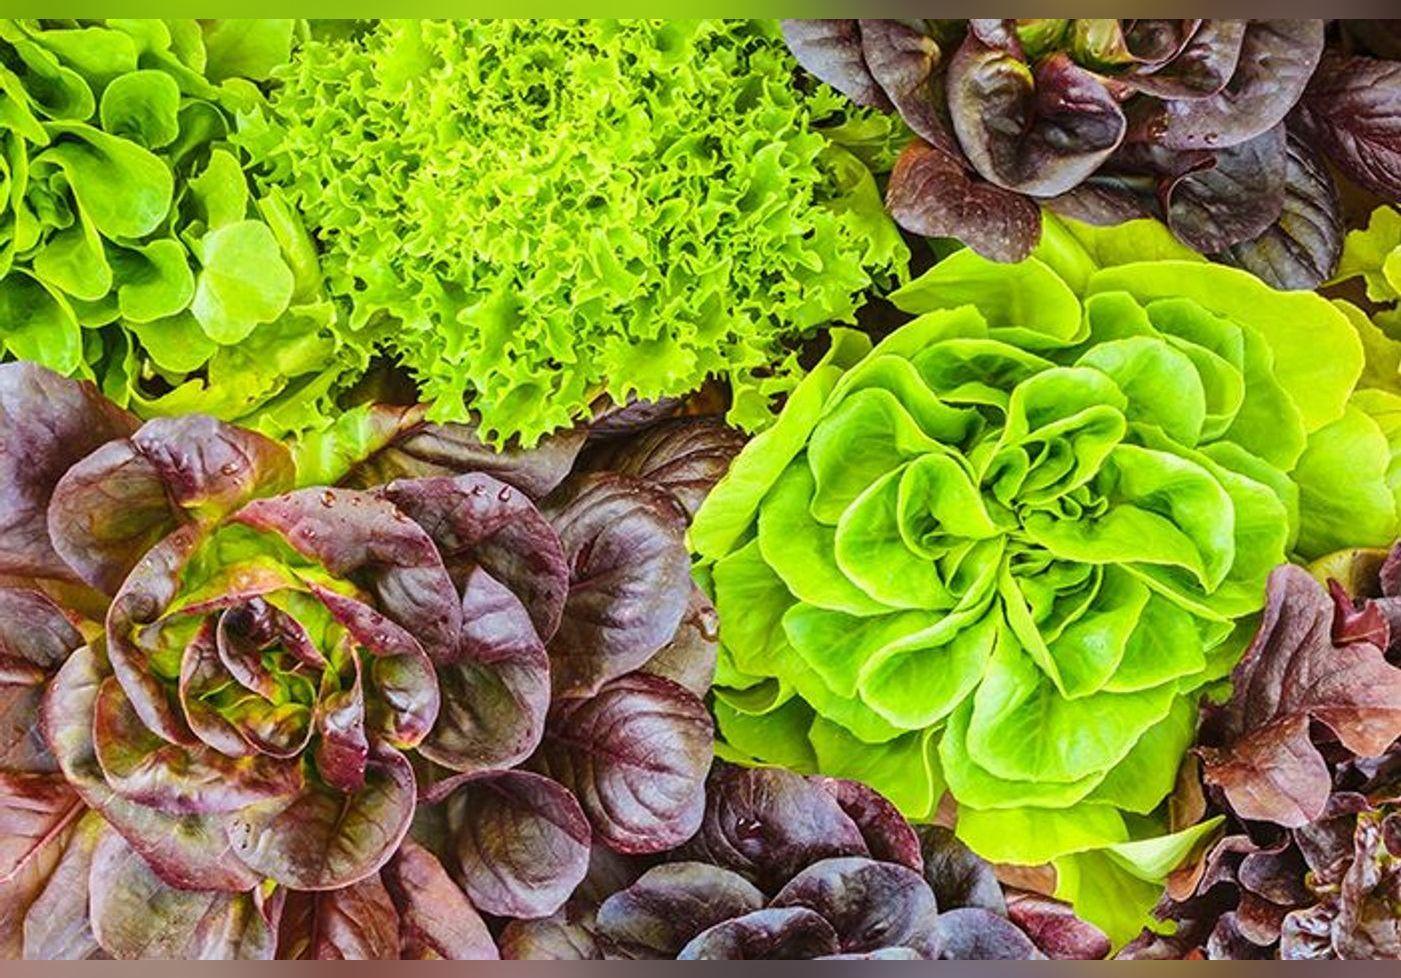 Cette astuce simplissime permet de conserver une salade un mois au réfrigérateur… Les feuilles restent croquantes et fraîches